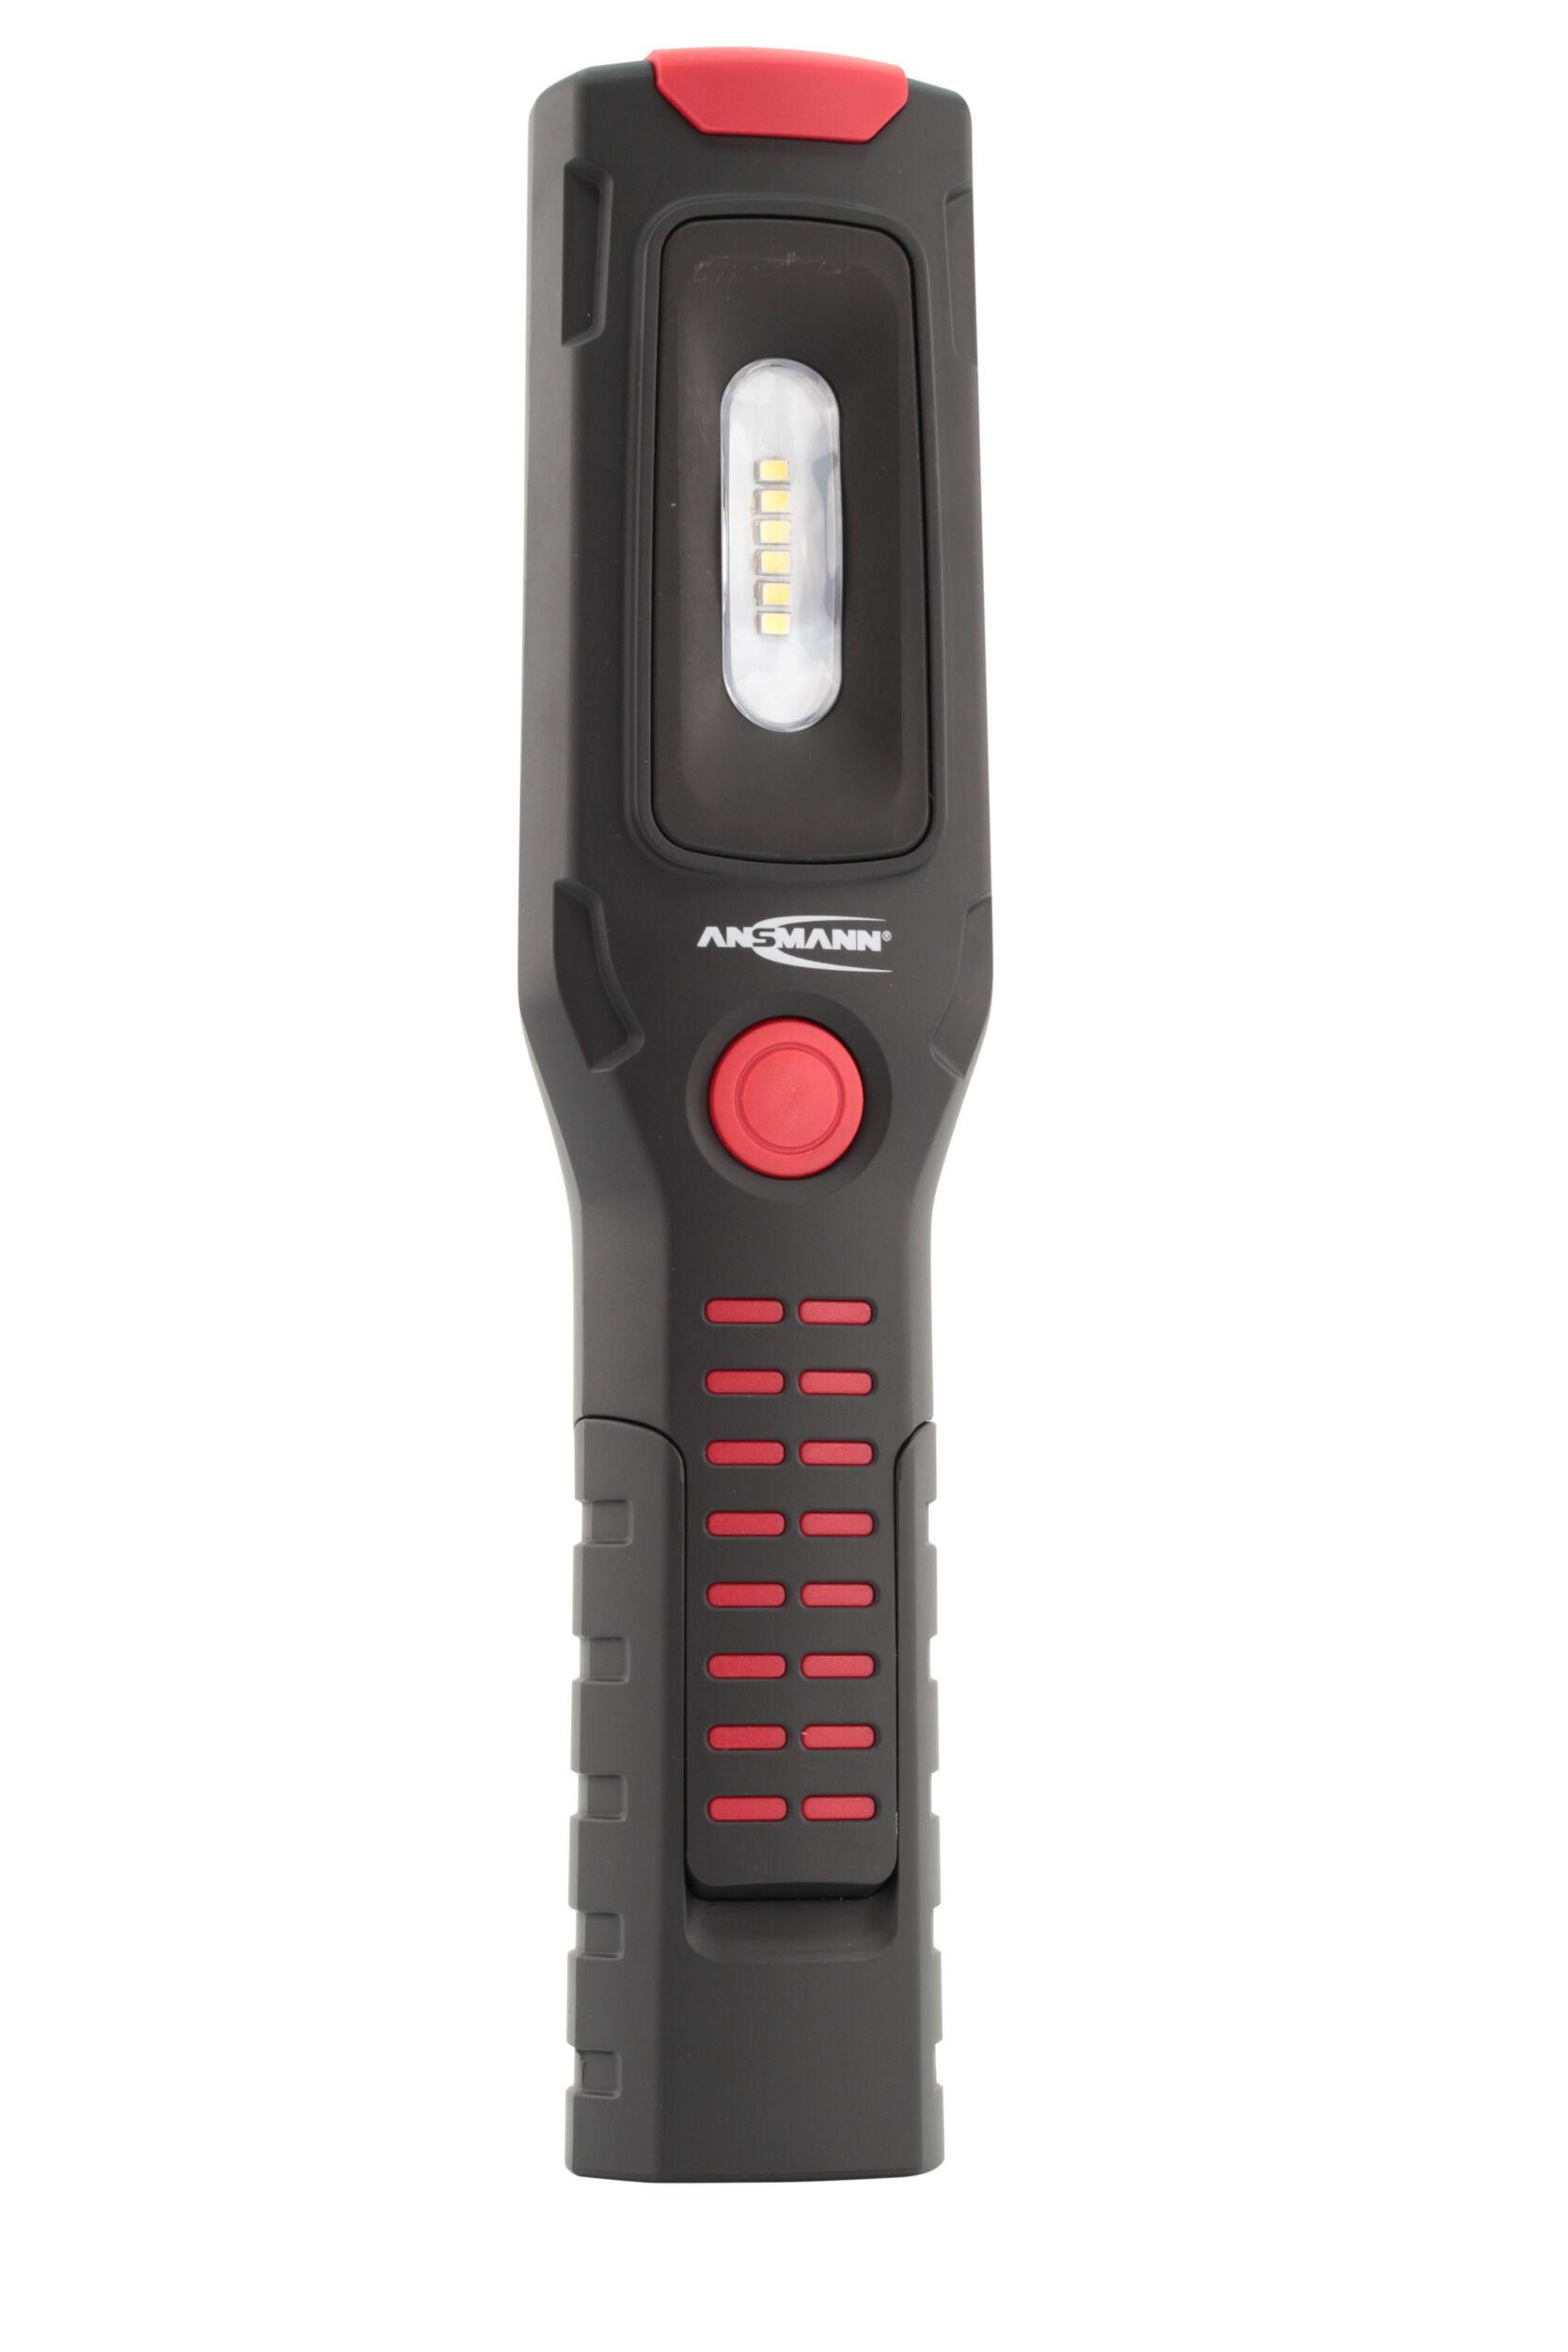 ANSMANN Akku LED-Werkstattlampe Aufladbar - für Werkstätten und Hobbyschrauber